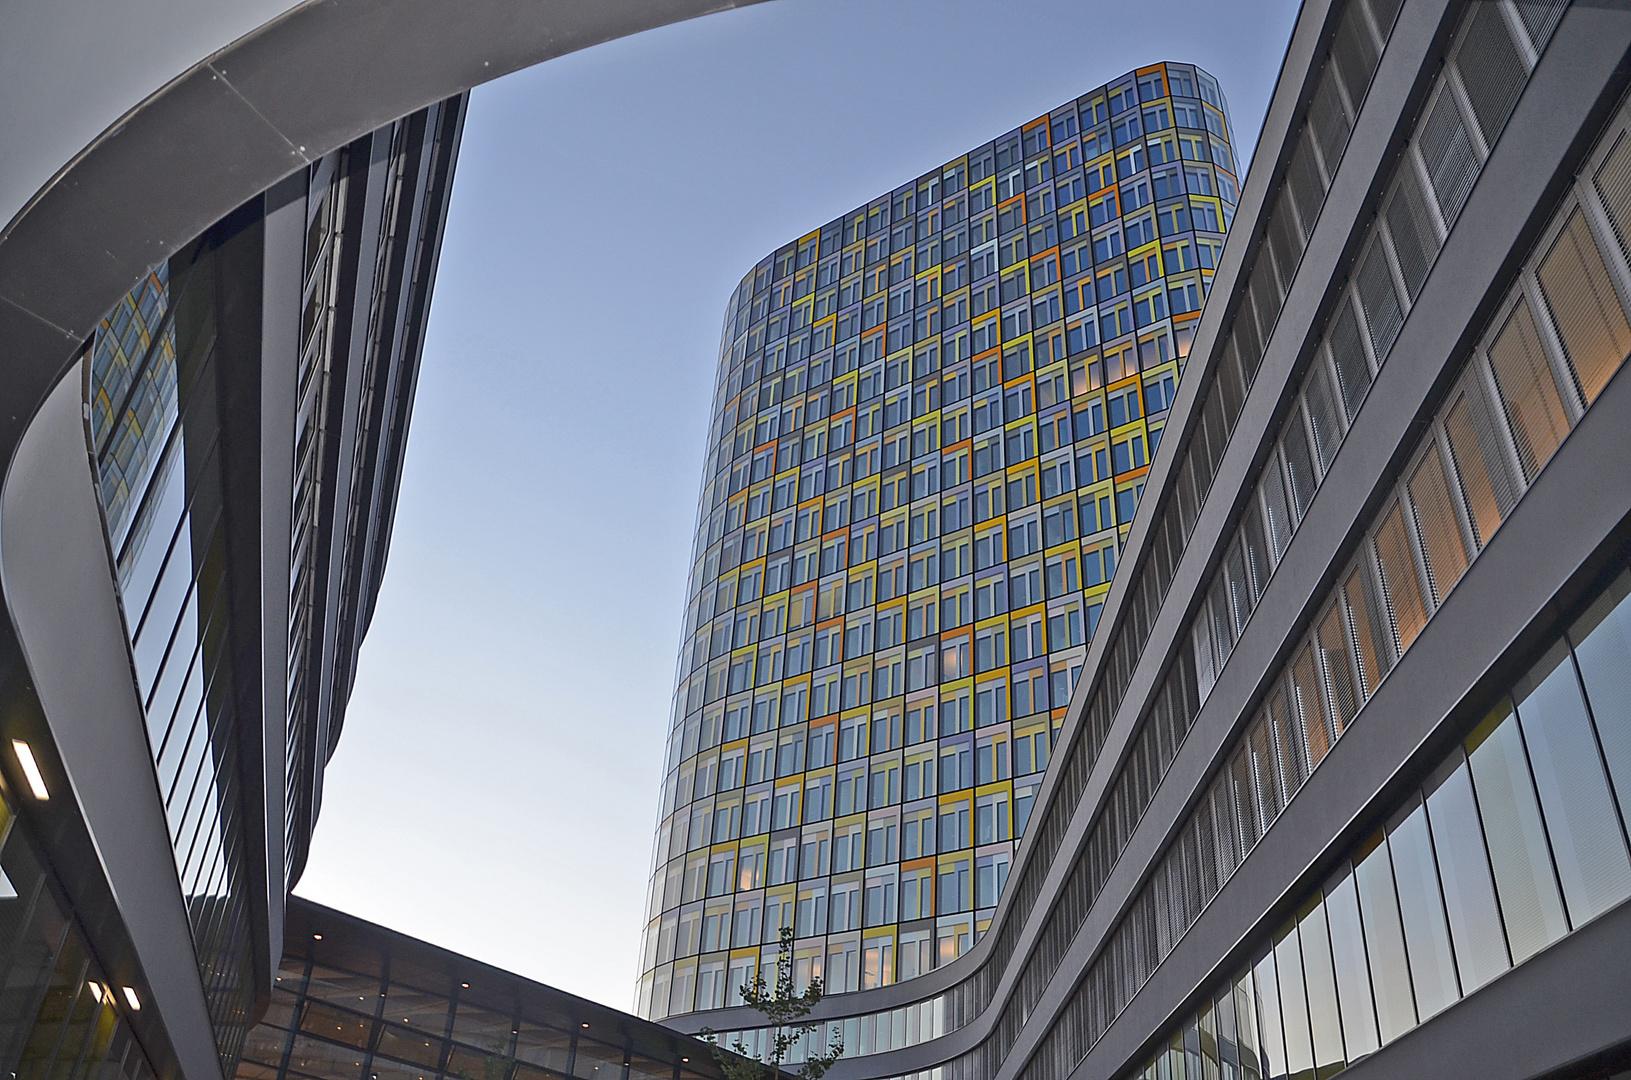 Moderne Architektur in München Foto & Bild | architektur, münchen ...